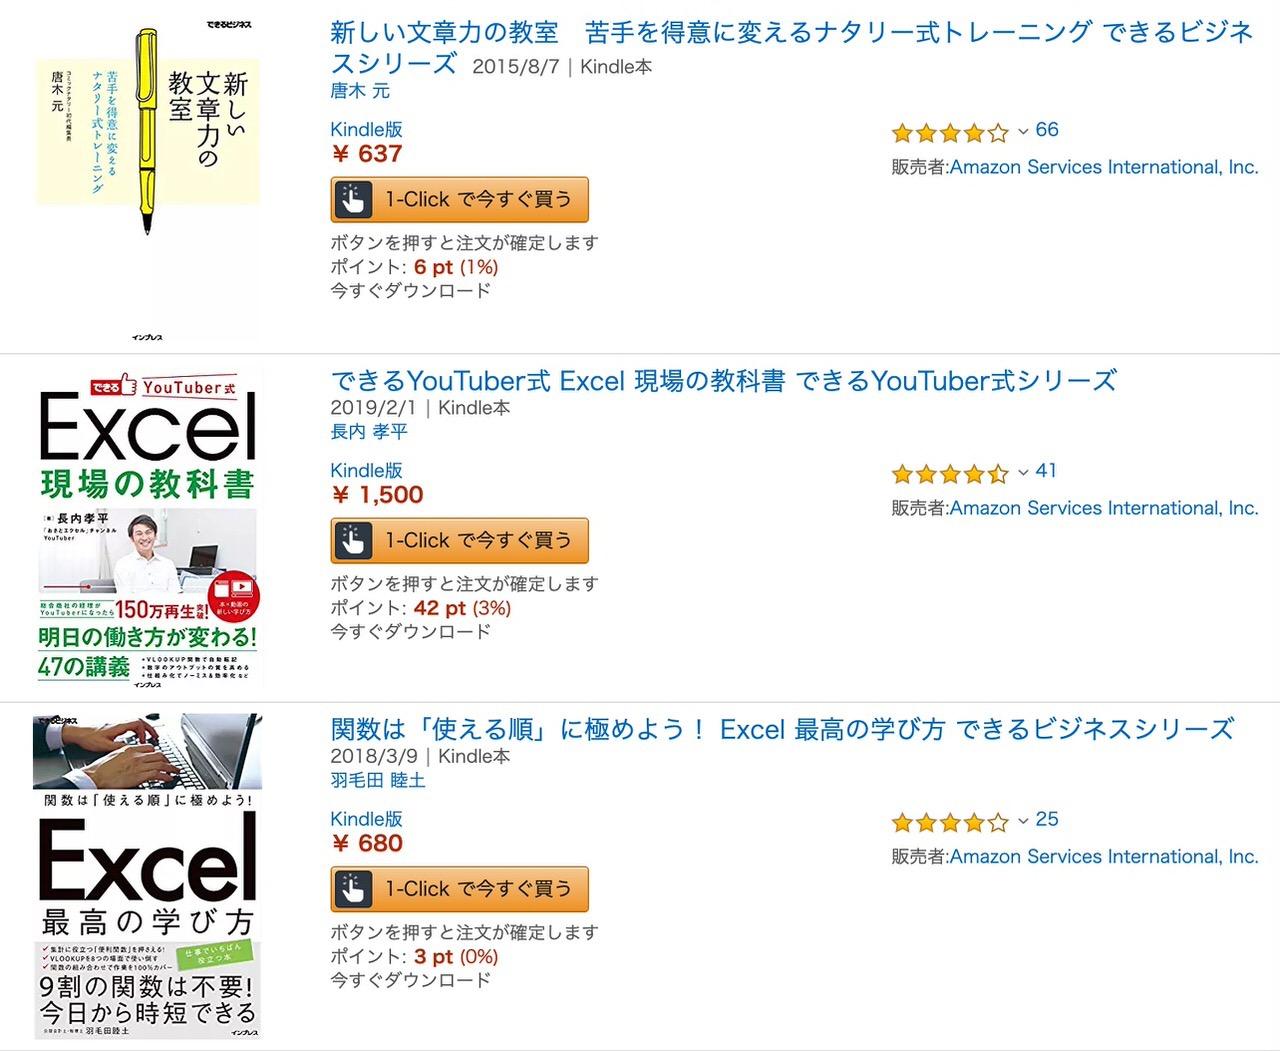 【Kindleセール】178冊が対象「できるシリーズ 25周年記念フェア」開催中(5/9まで)